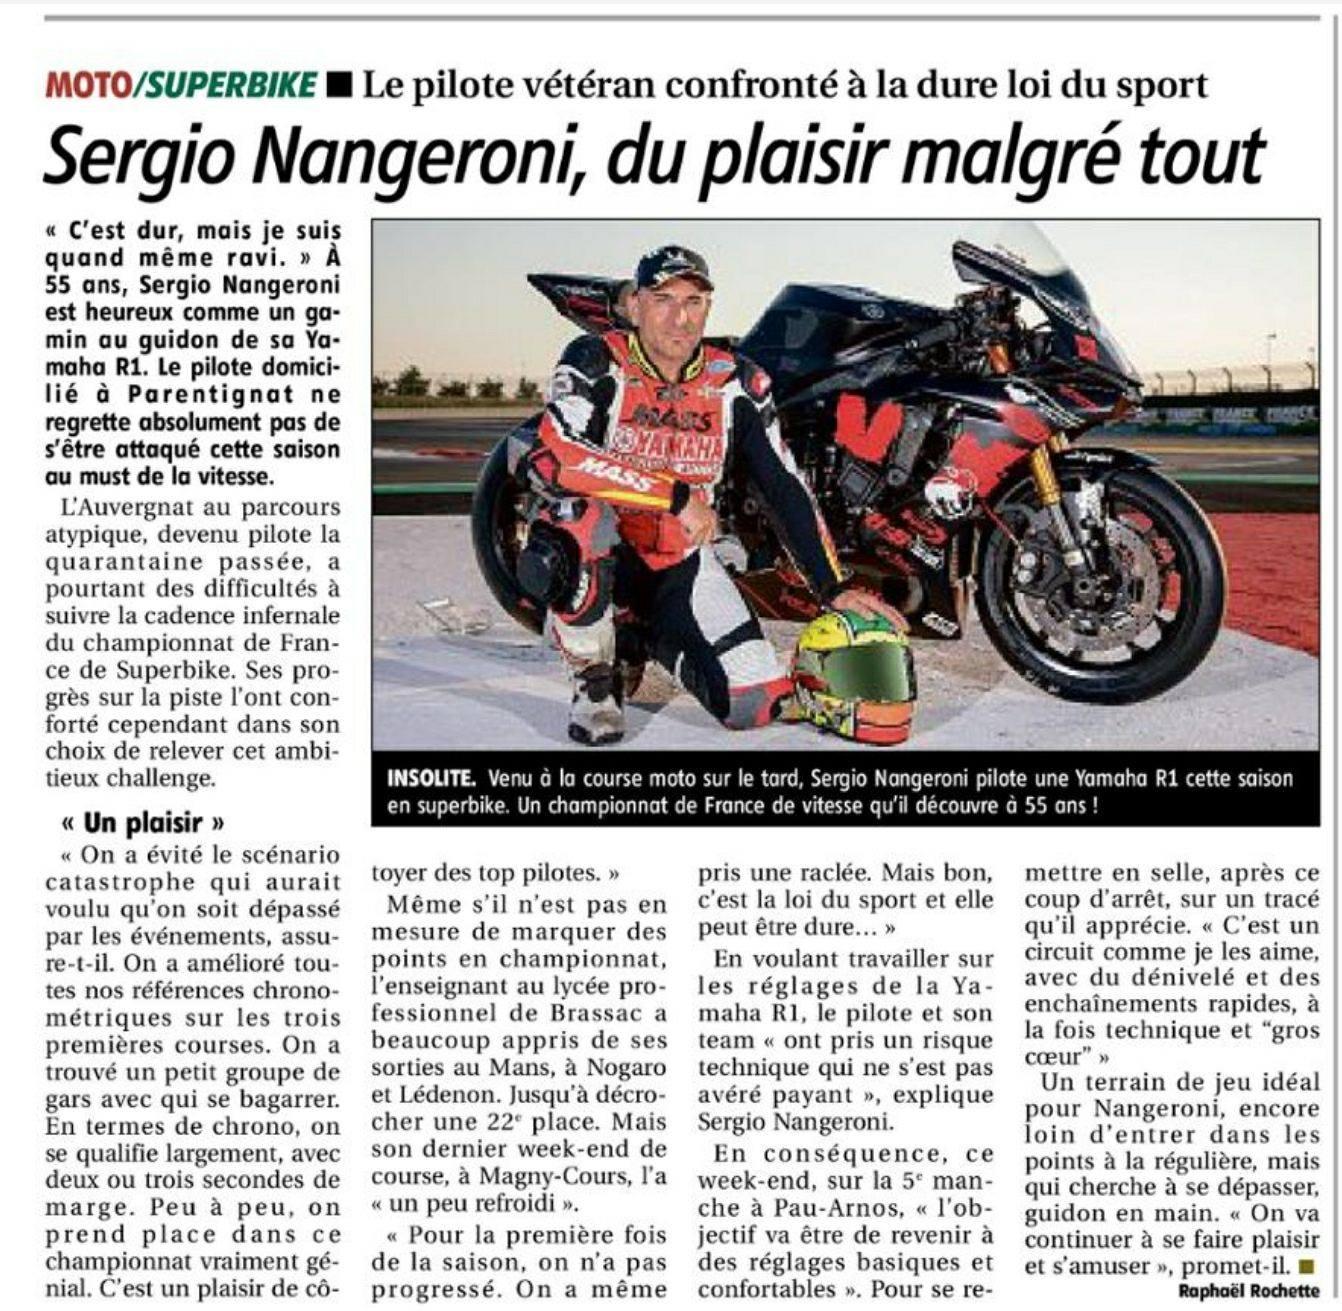 Article la montagne du 13 juillet 2018 page sport du plaisir malgré tout. Sergio nangeroni